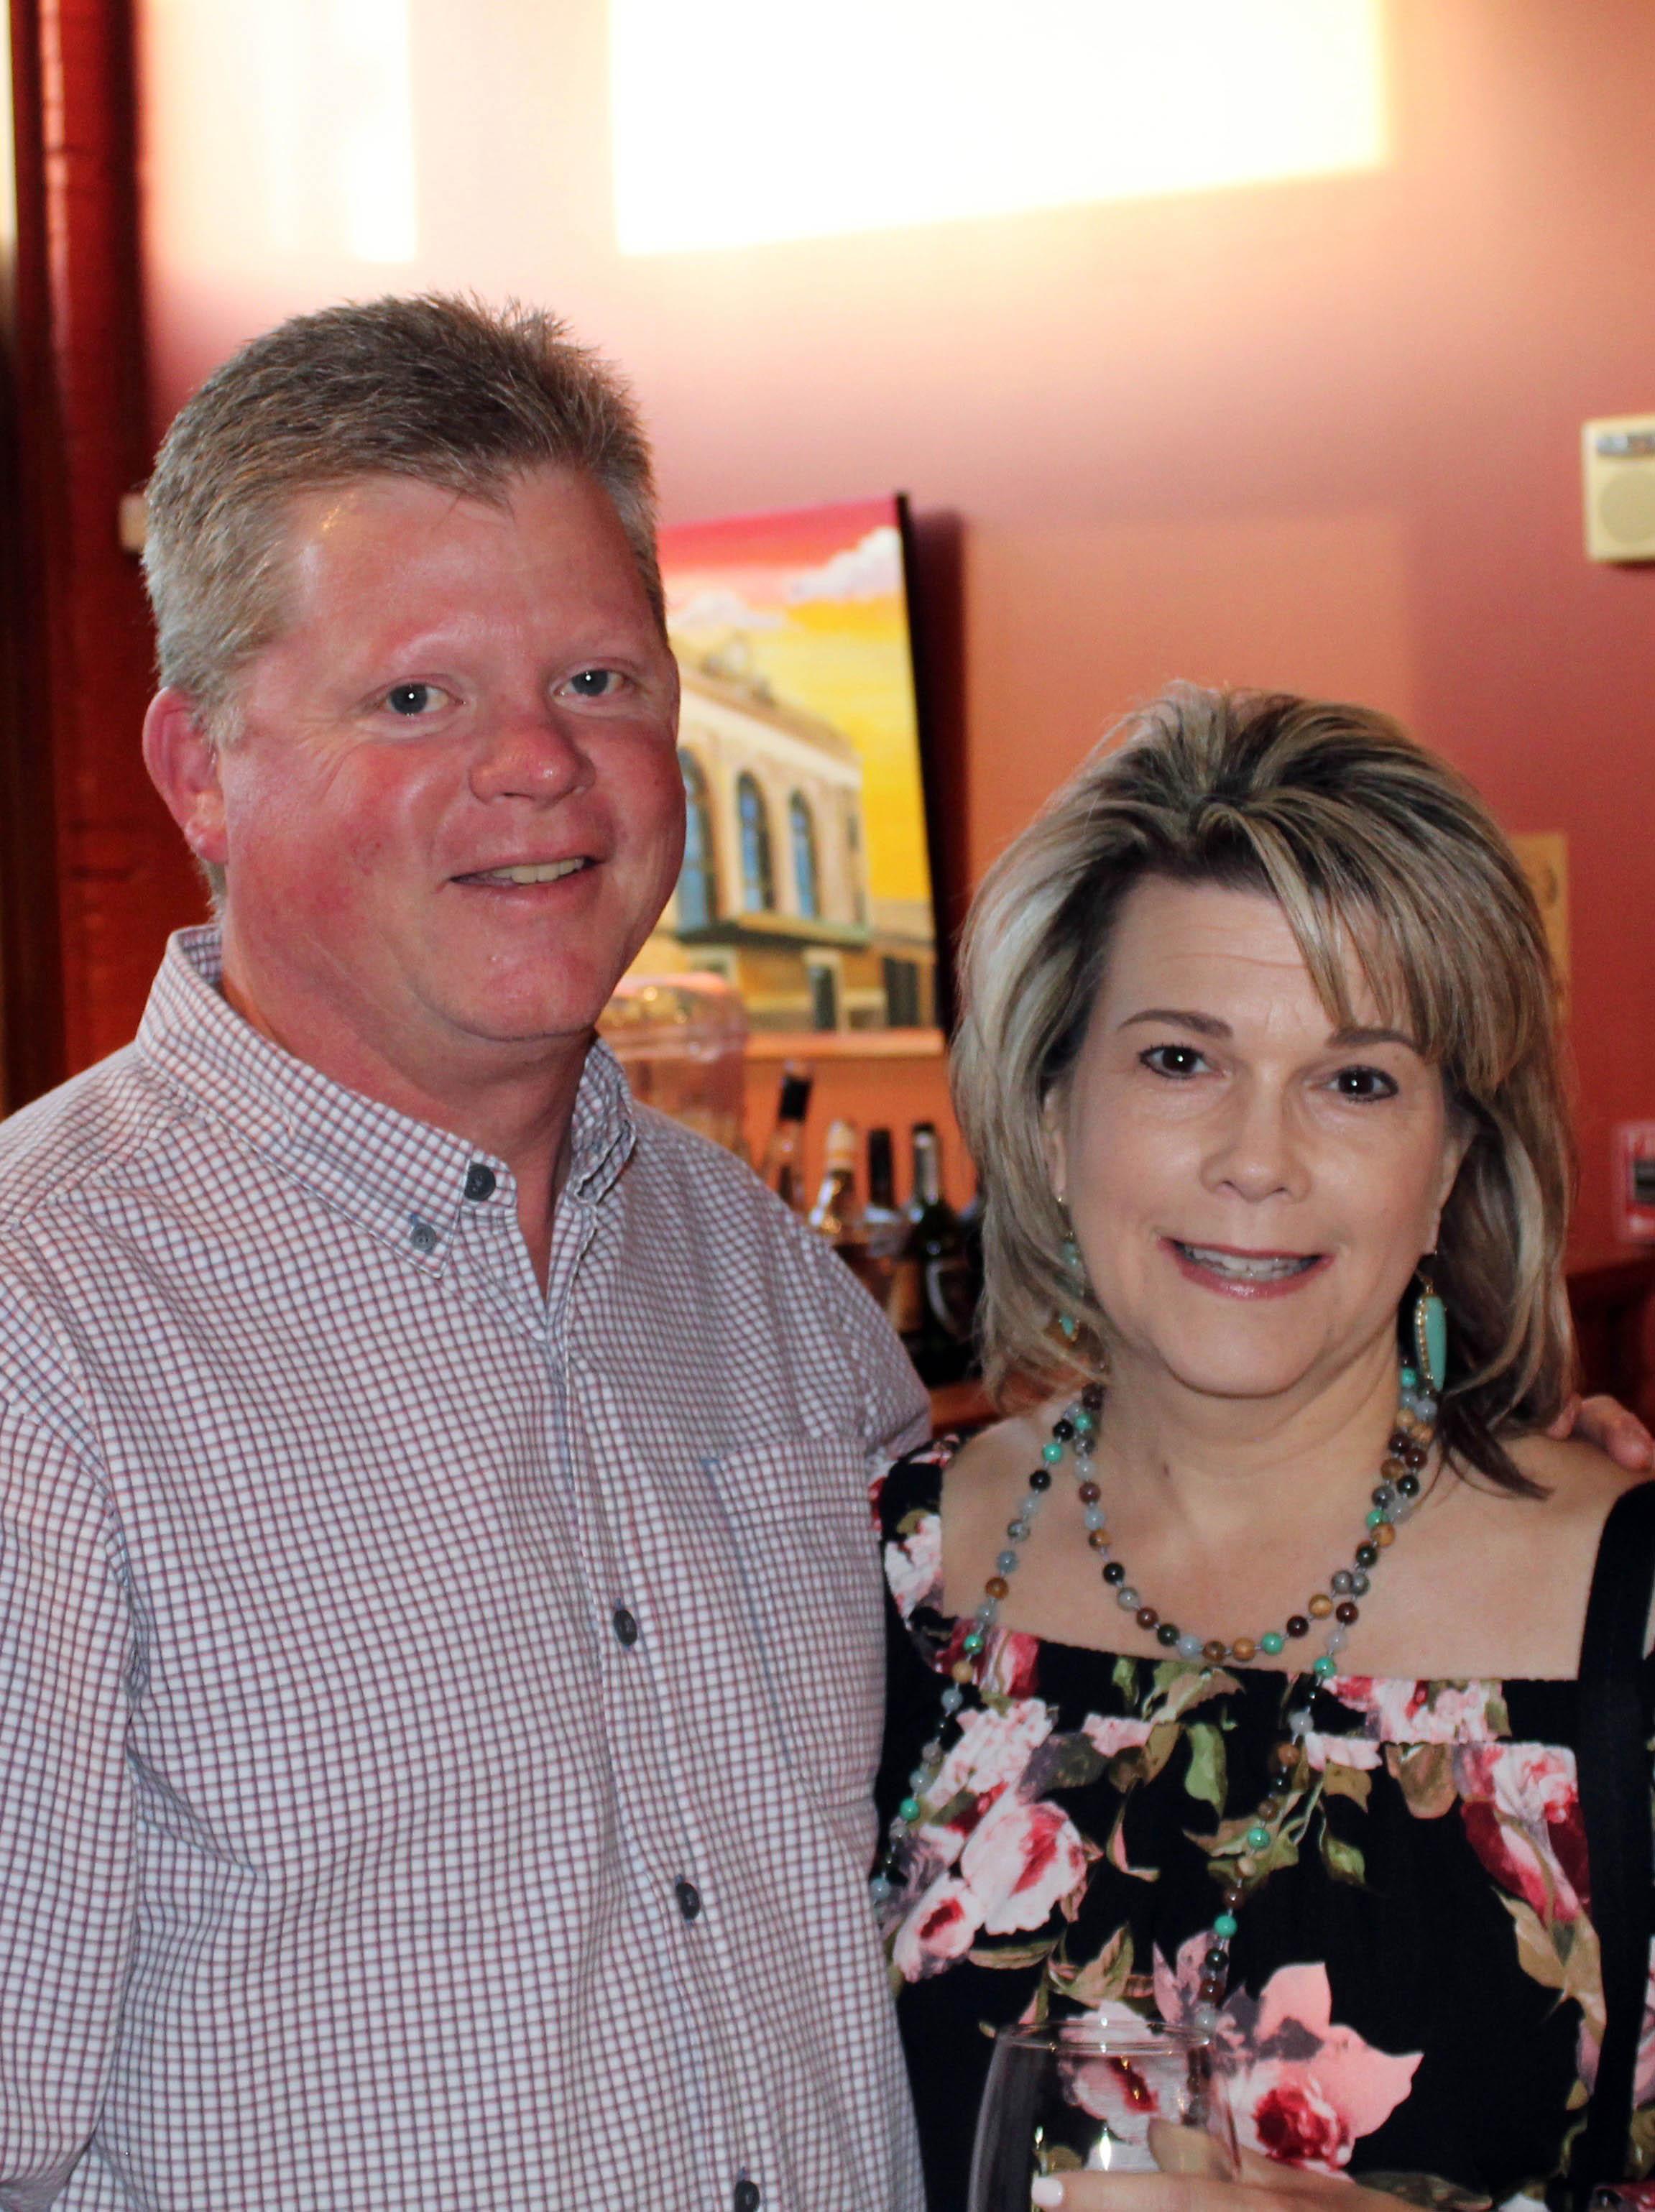 Joe and Robin Christen